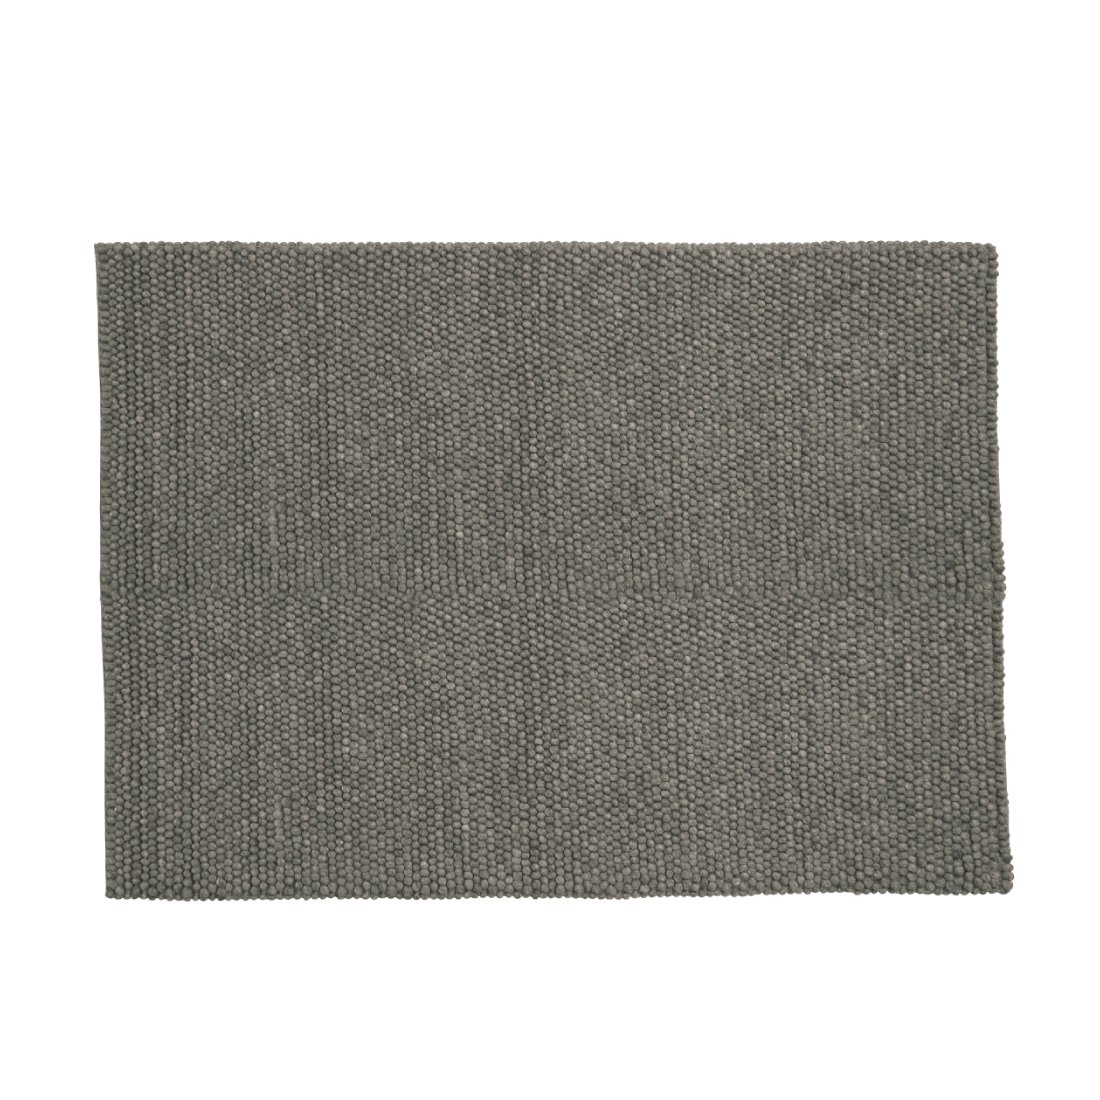 HAY Peas Karpet Vloerkleed Donker Grijs 140 x 80 cm